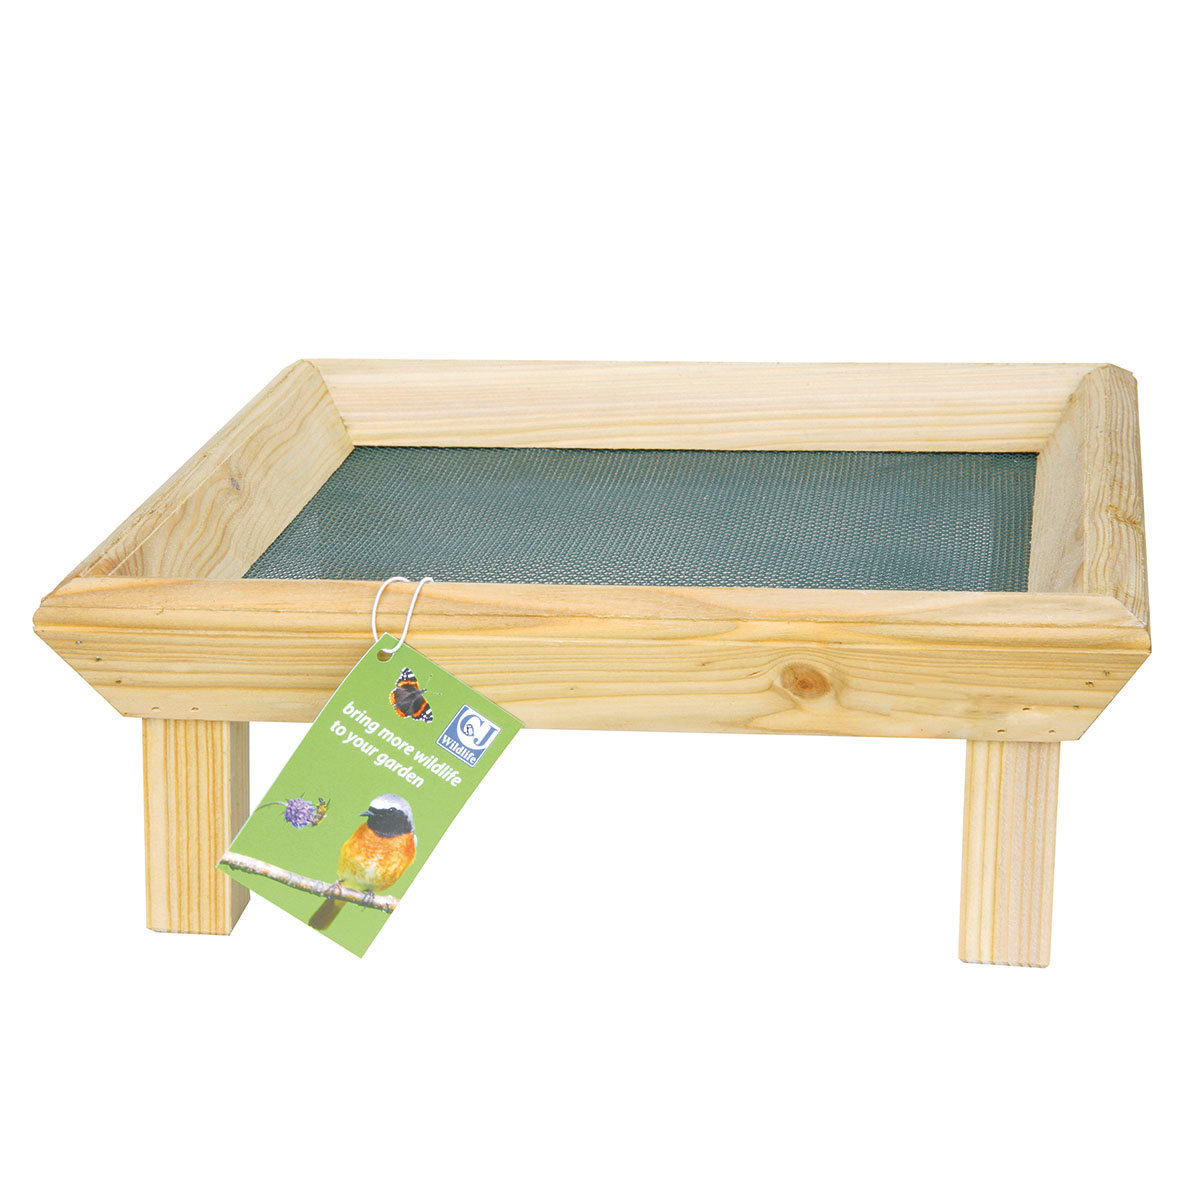 Futtertisch zur Bodenfütterung, 32x32x12 cm, Holz, natur   #2